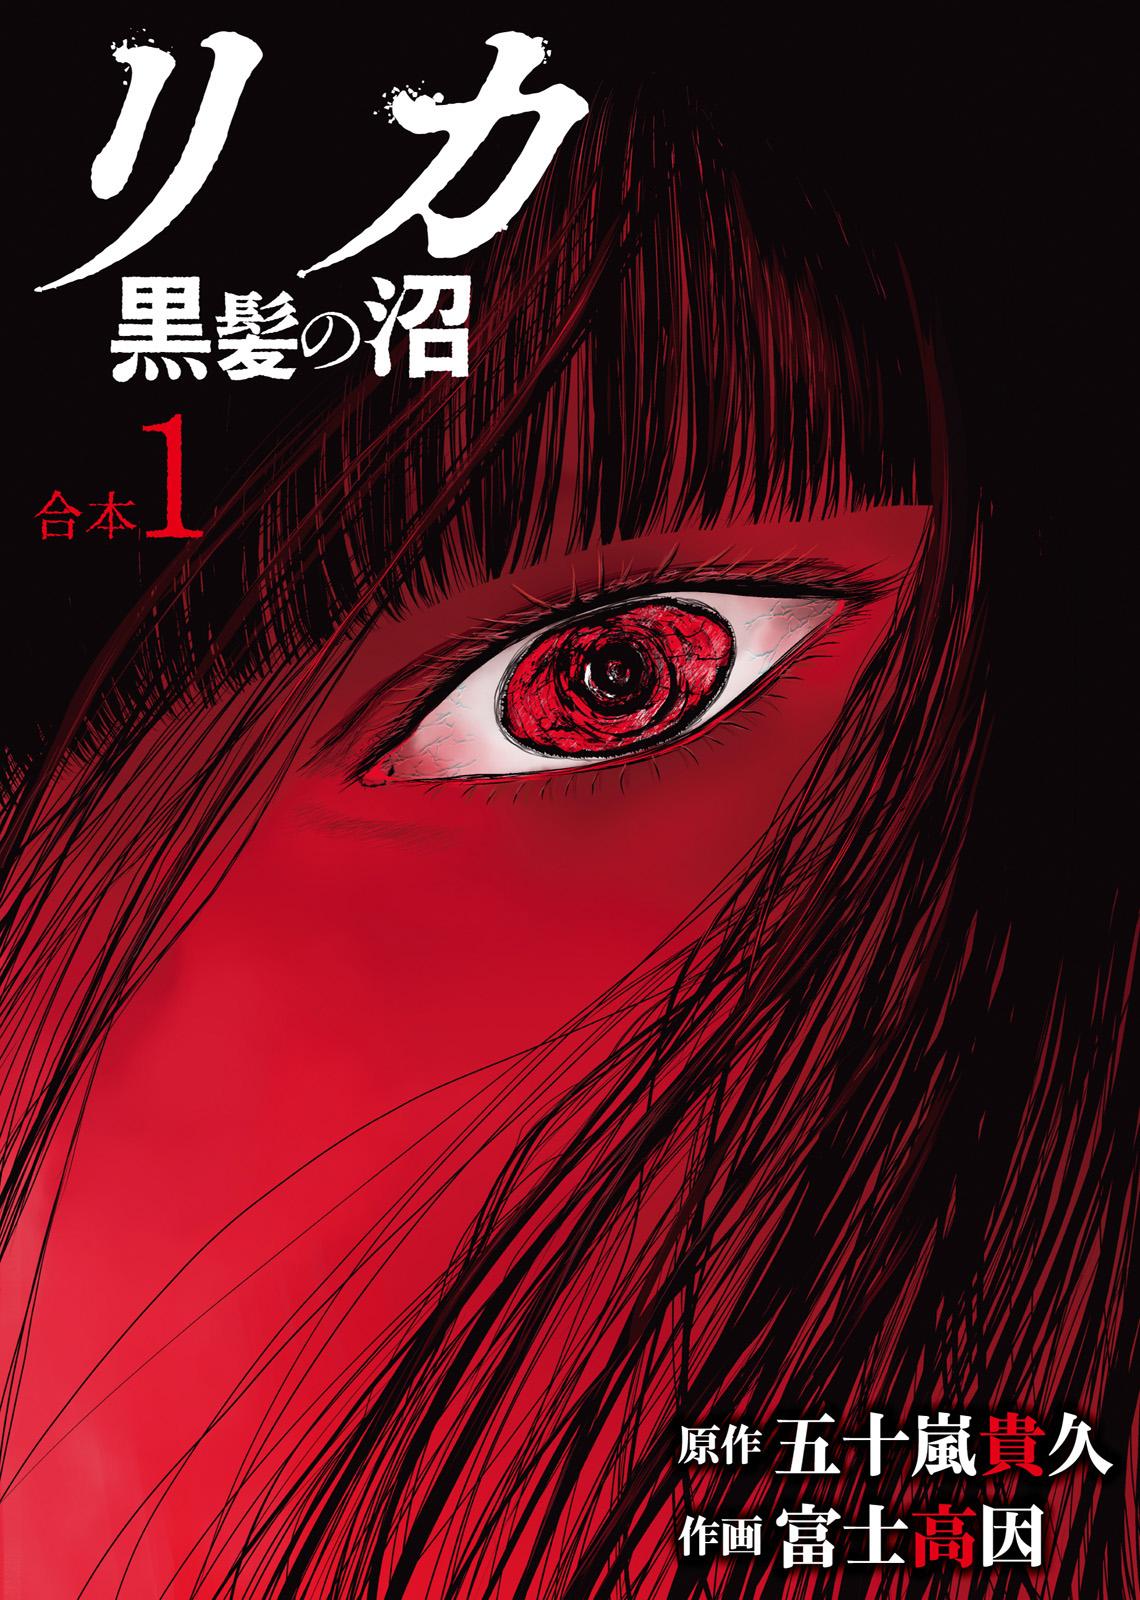 リカ 黒髪の沼(第1話(1))